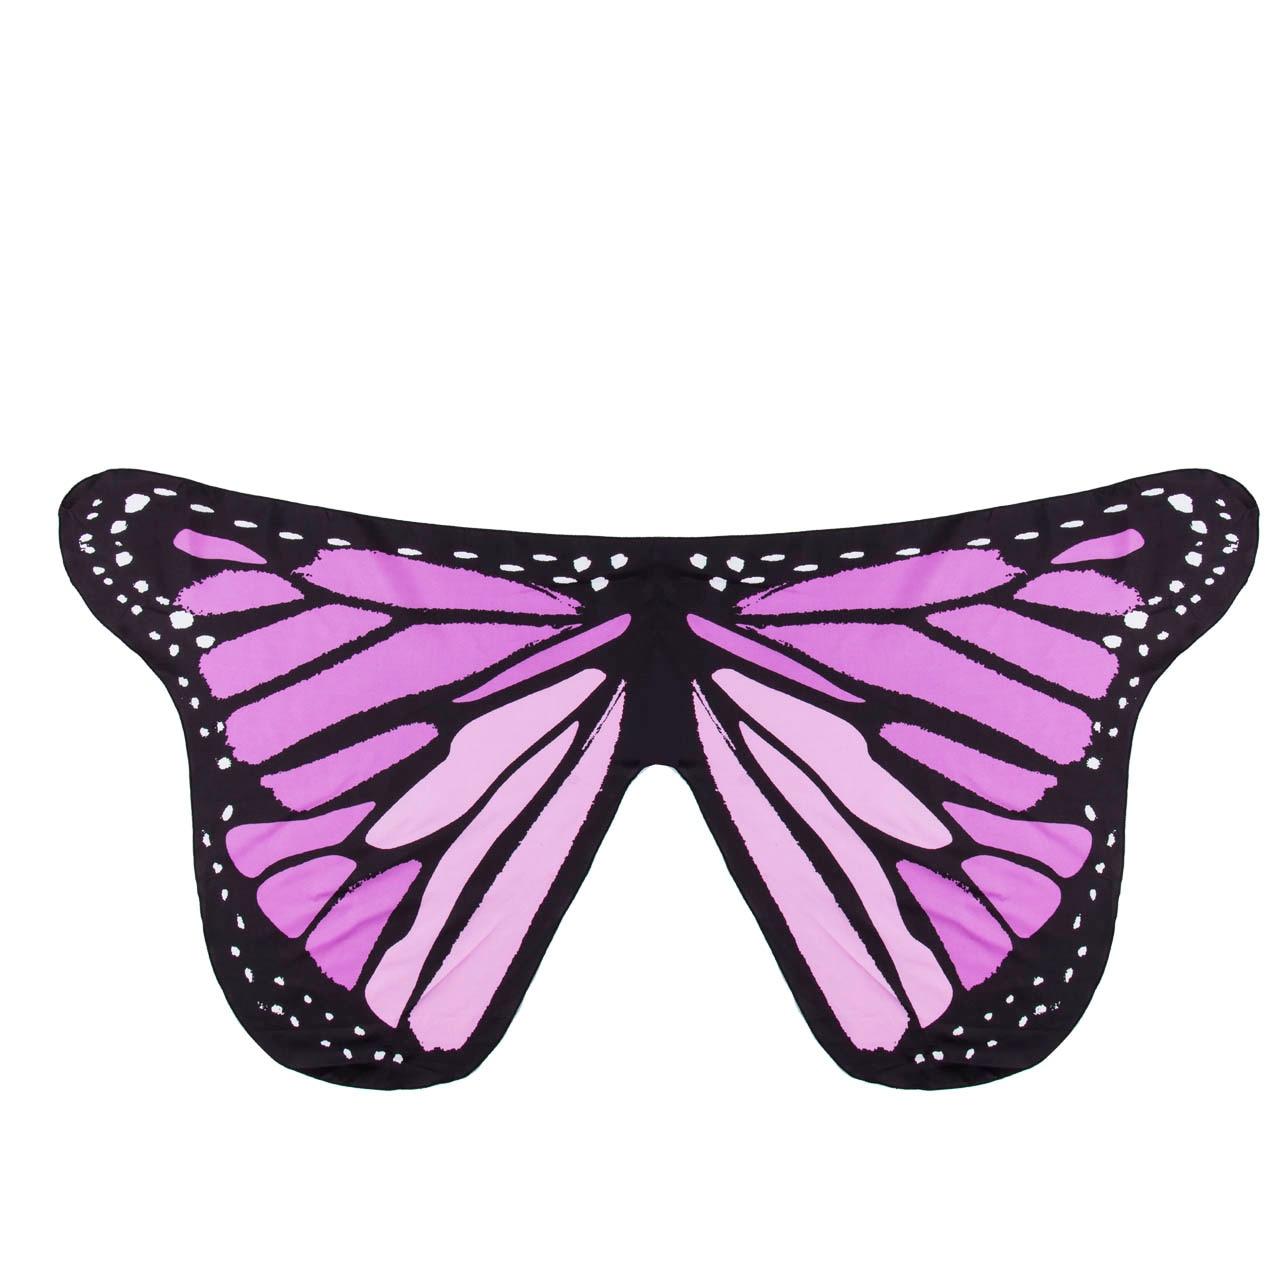 Pudcoco Детский шарф для девочек красивое крыло шаль бабочки шарфы летнее пляжное пончо костюм аксессуар пончо и накидки - Цвет: Фиолетовый